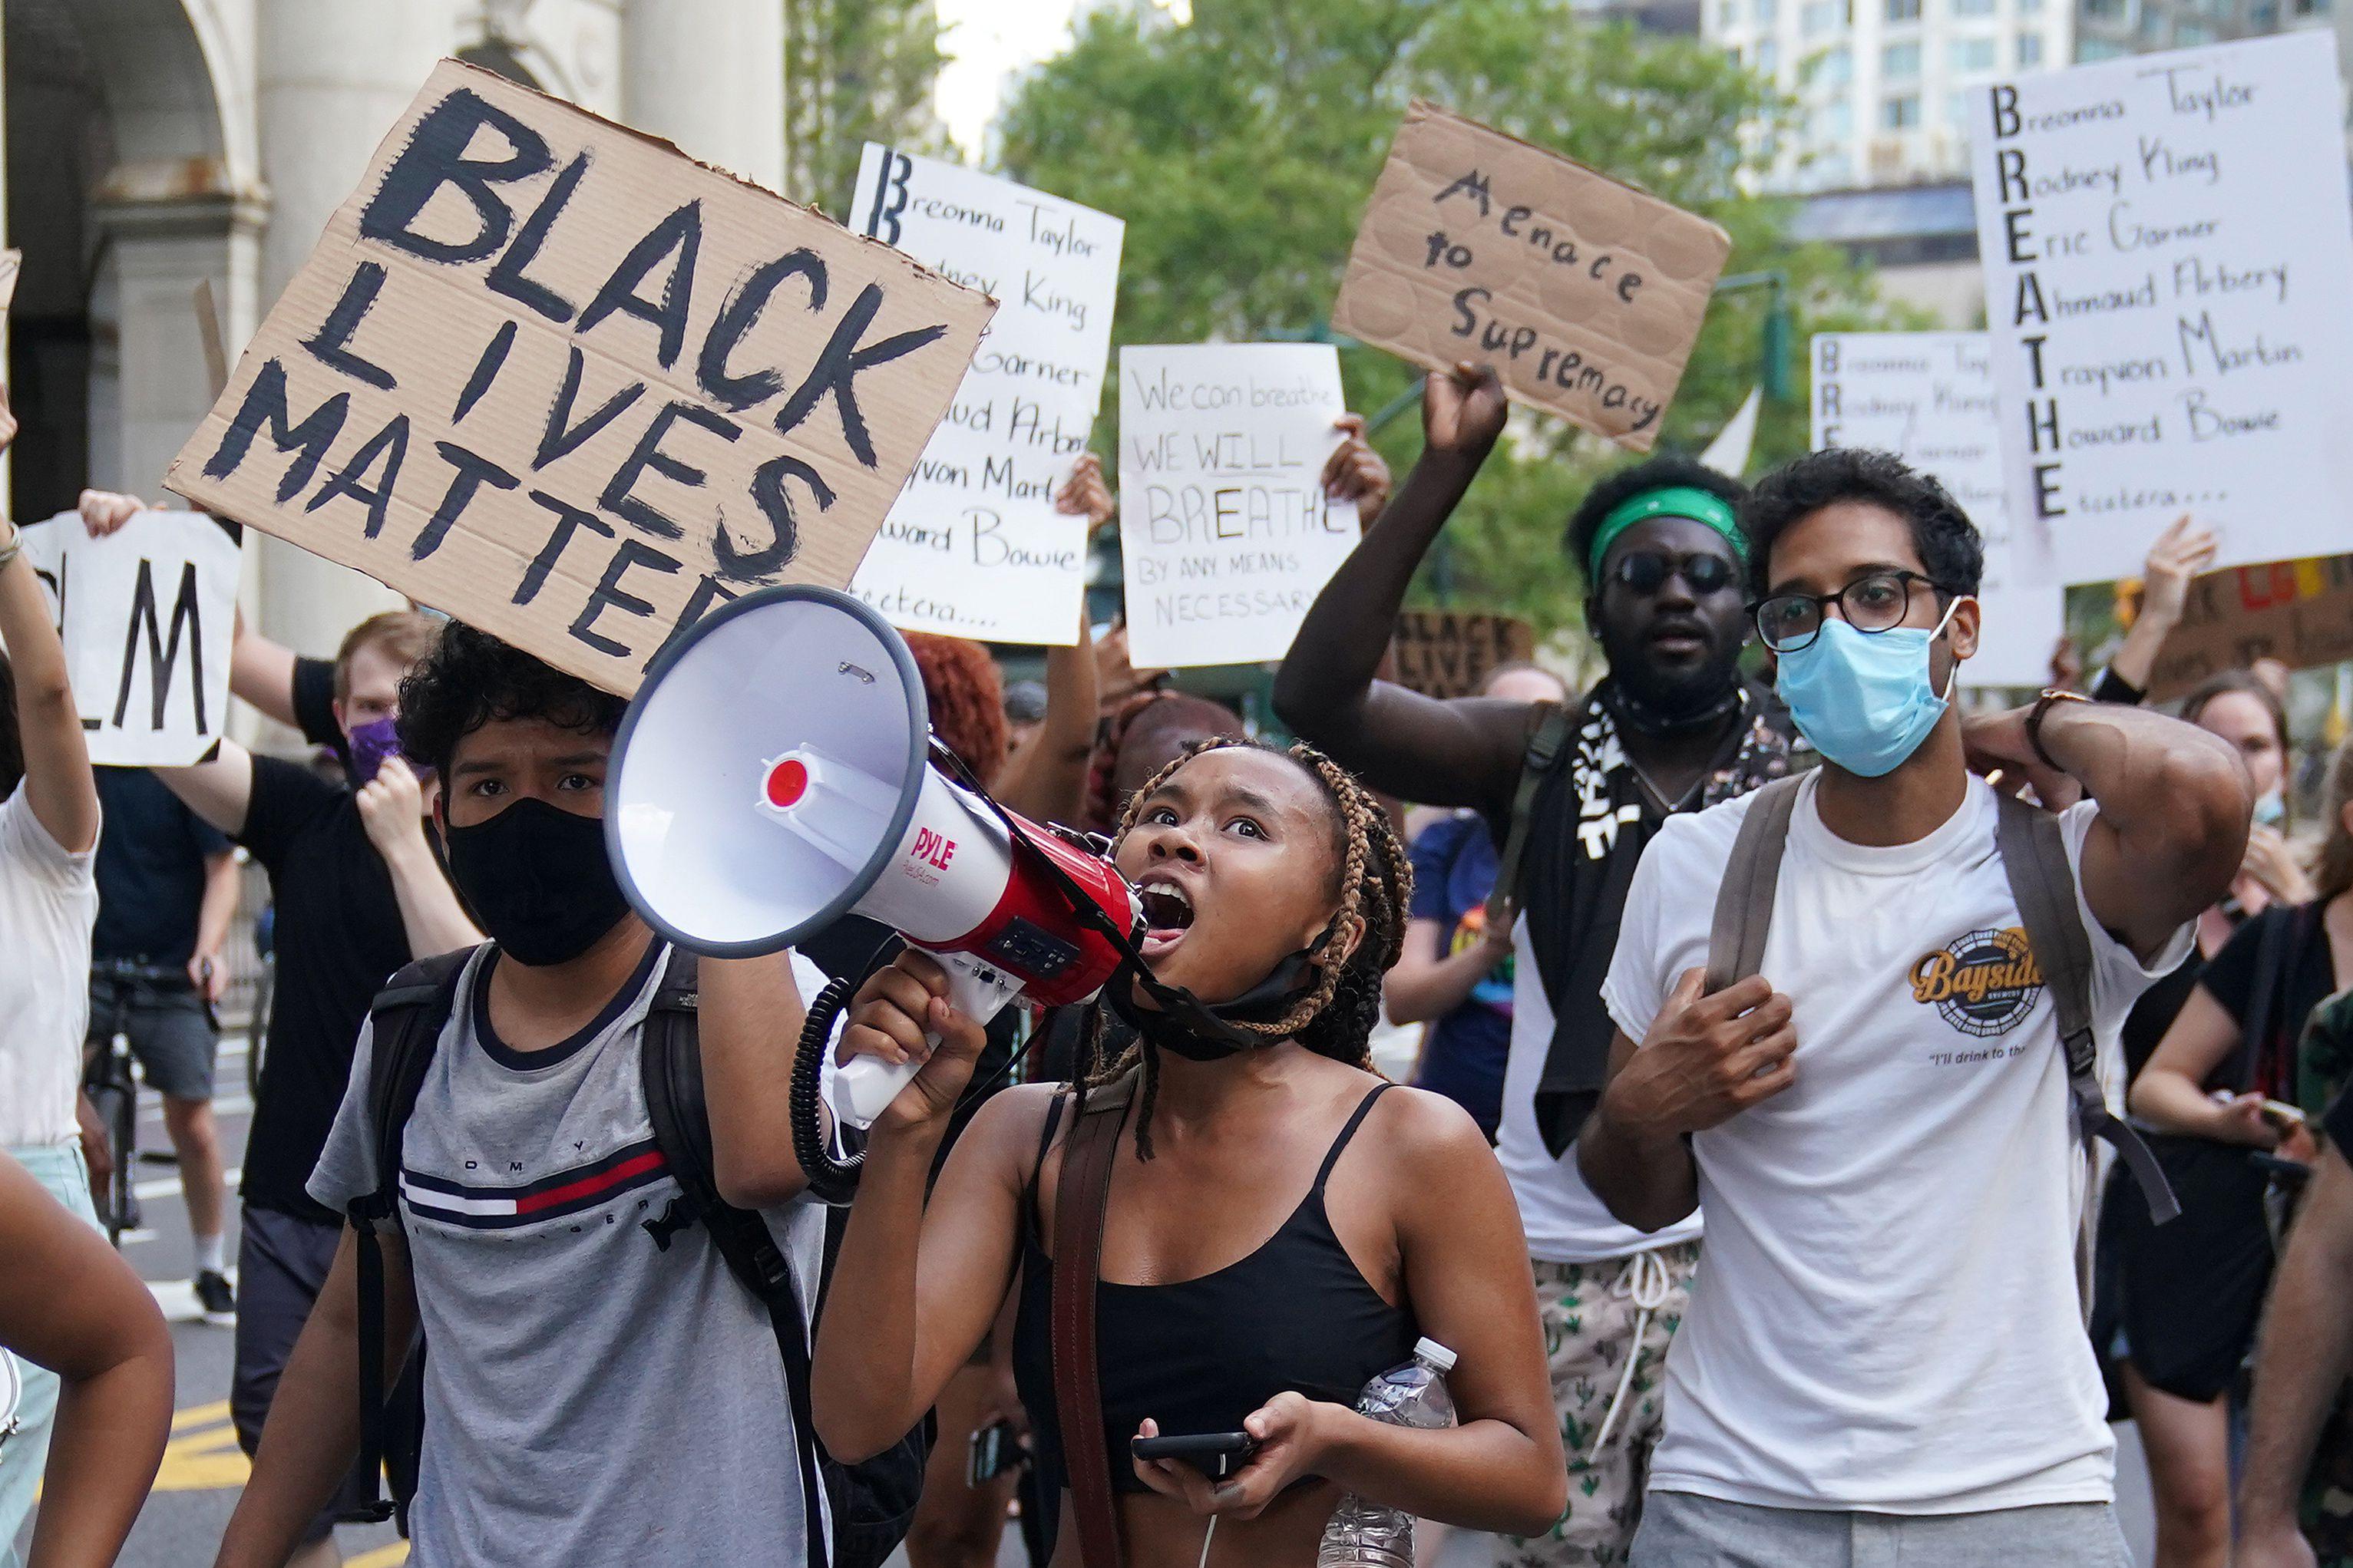 """""""Simplemente, no alcanza con quitar las estatuas. La gente negra de este país sufre problemas que son de naturaleza sistémica"""", dijo el concejal Keith Young, quien propuso la resolución de Asheville. (REUTERS/Carlo Allegri)"""